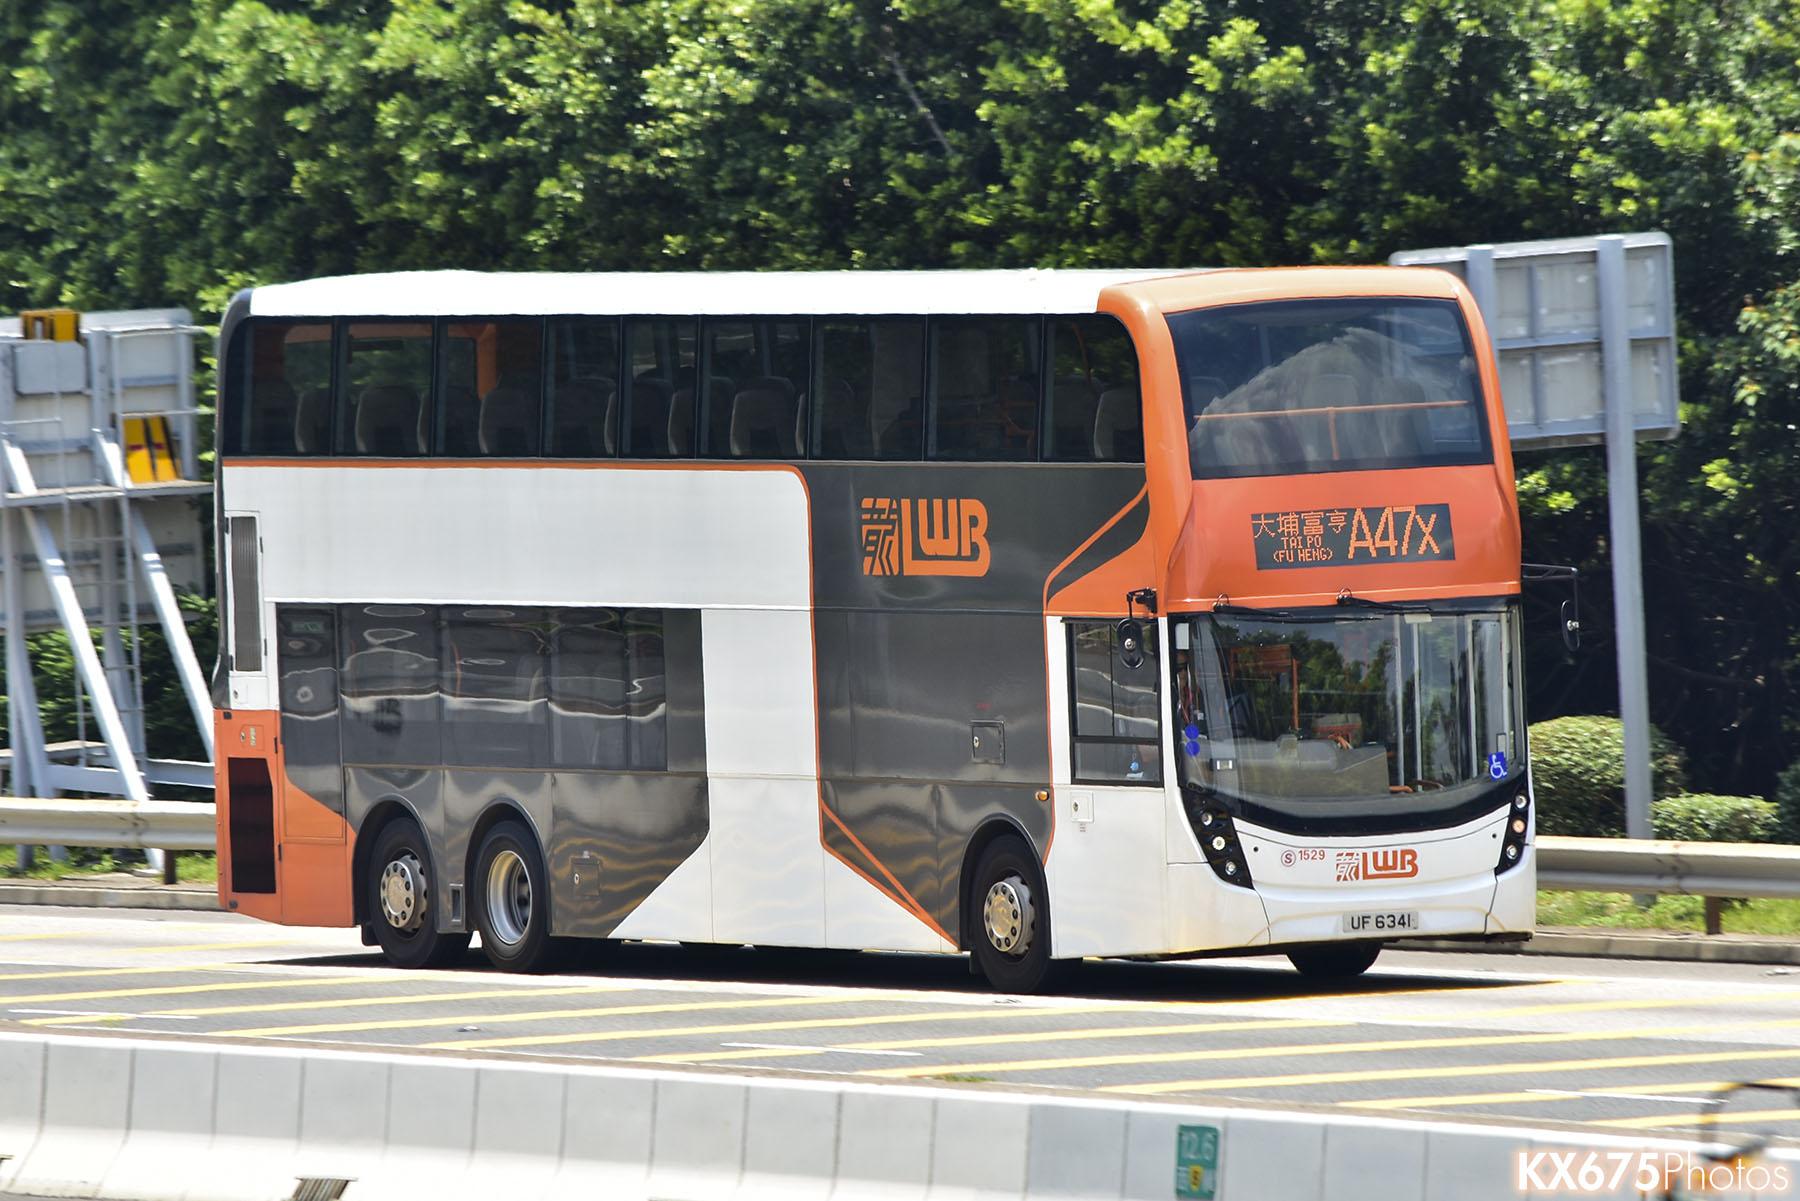 龍運巴士A47X線